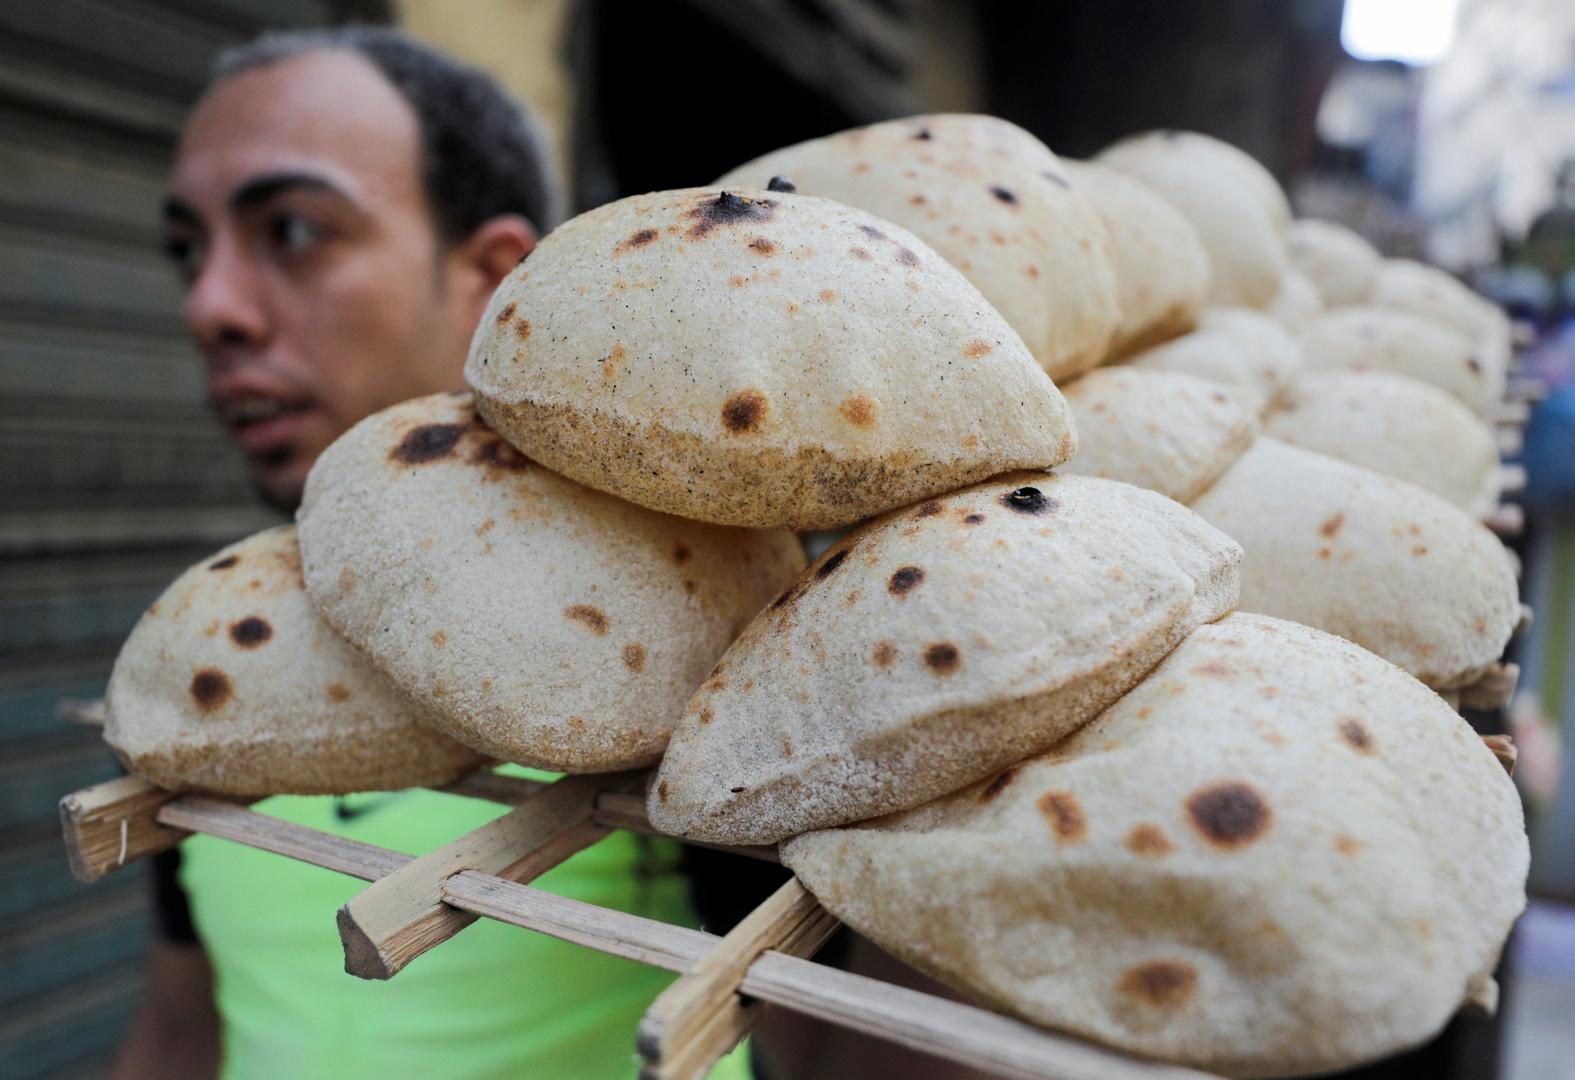 بالأرقام.. خبير يكشف سبب تصريحات السيسي حول رفع سعر الخبز في مصر